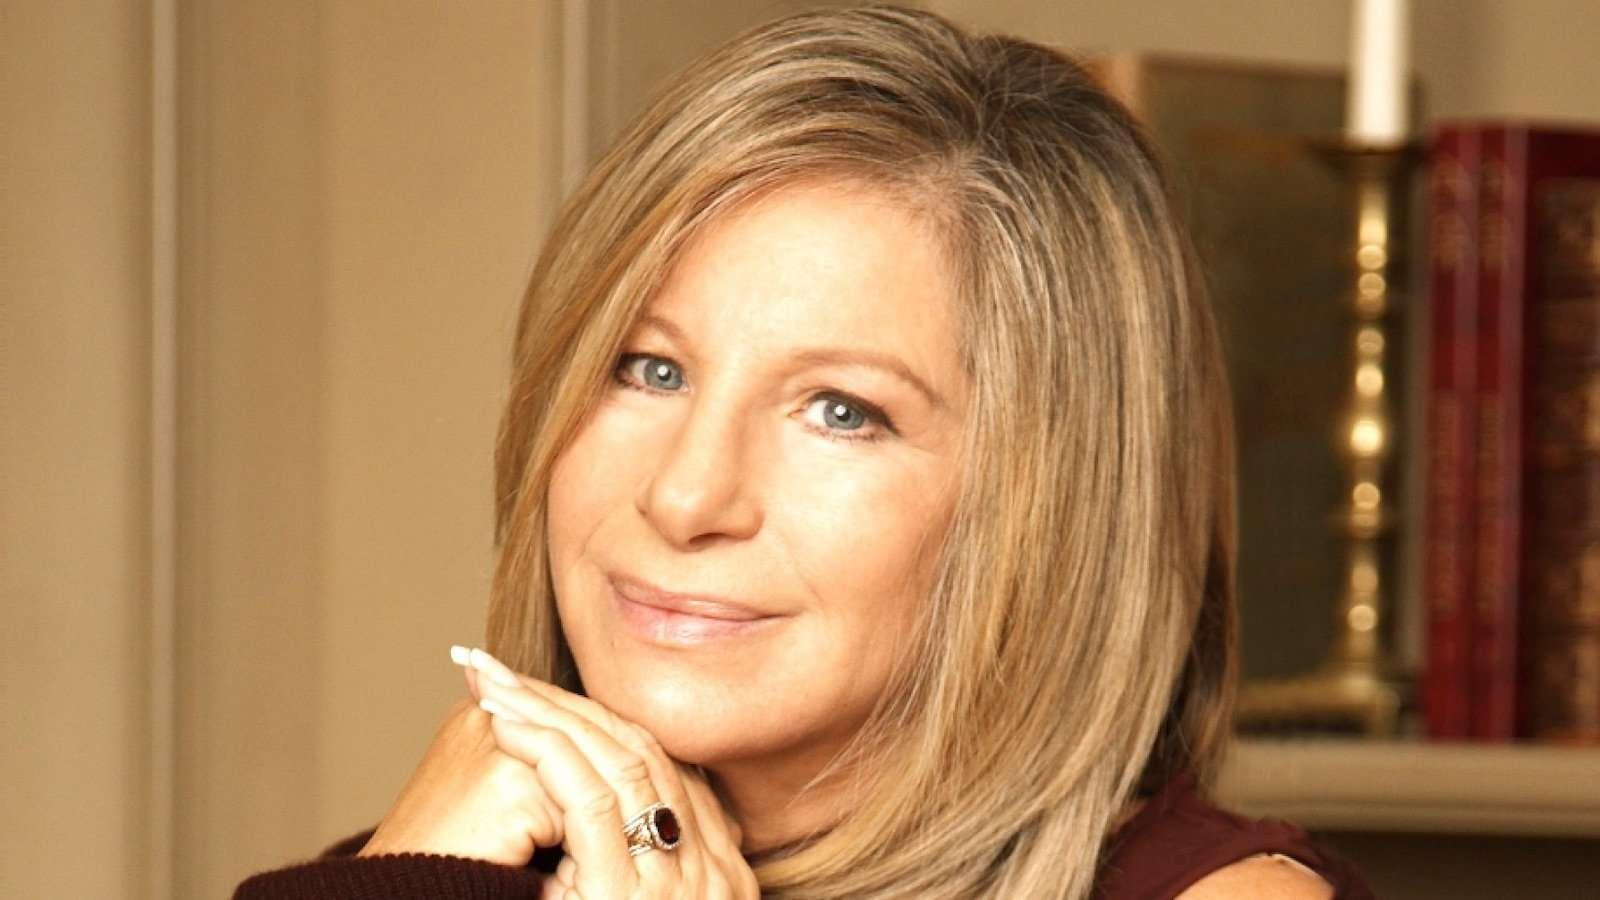 Barbra Streisand é uma defensora dos direitos dos homossexuais e do casamento gay, além de ser uma atriz de parar as exibições